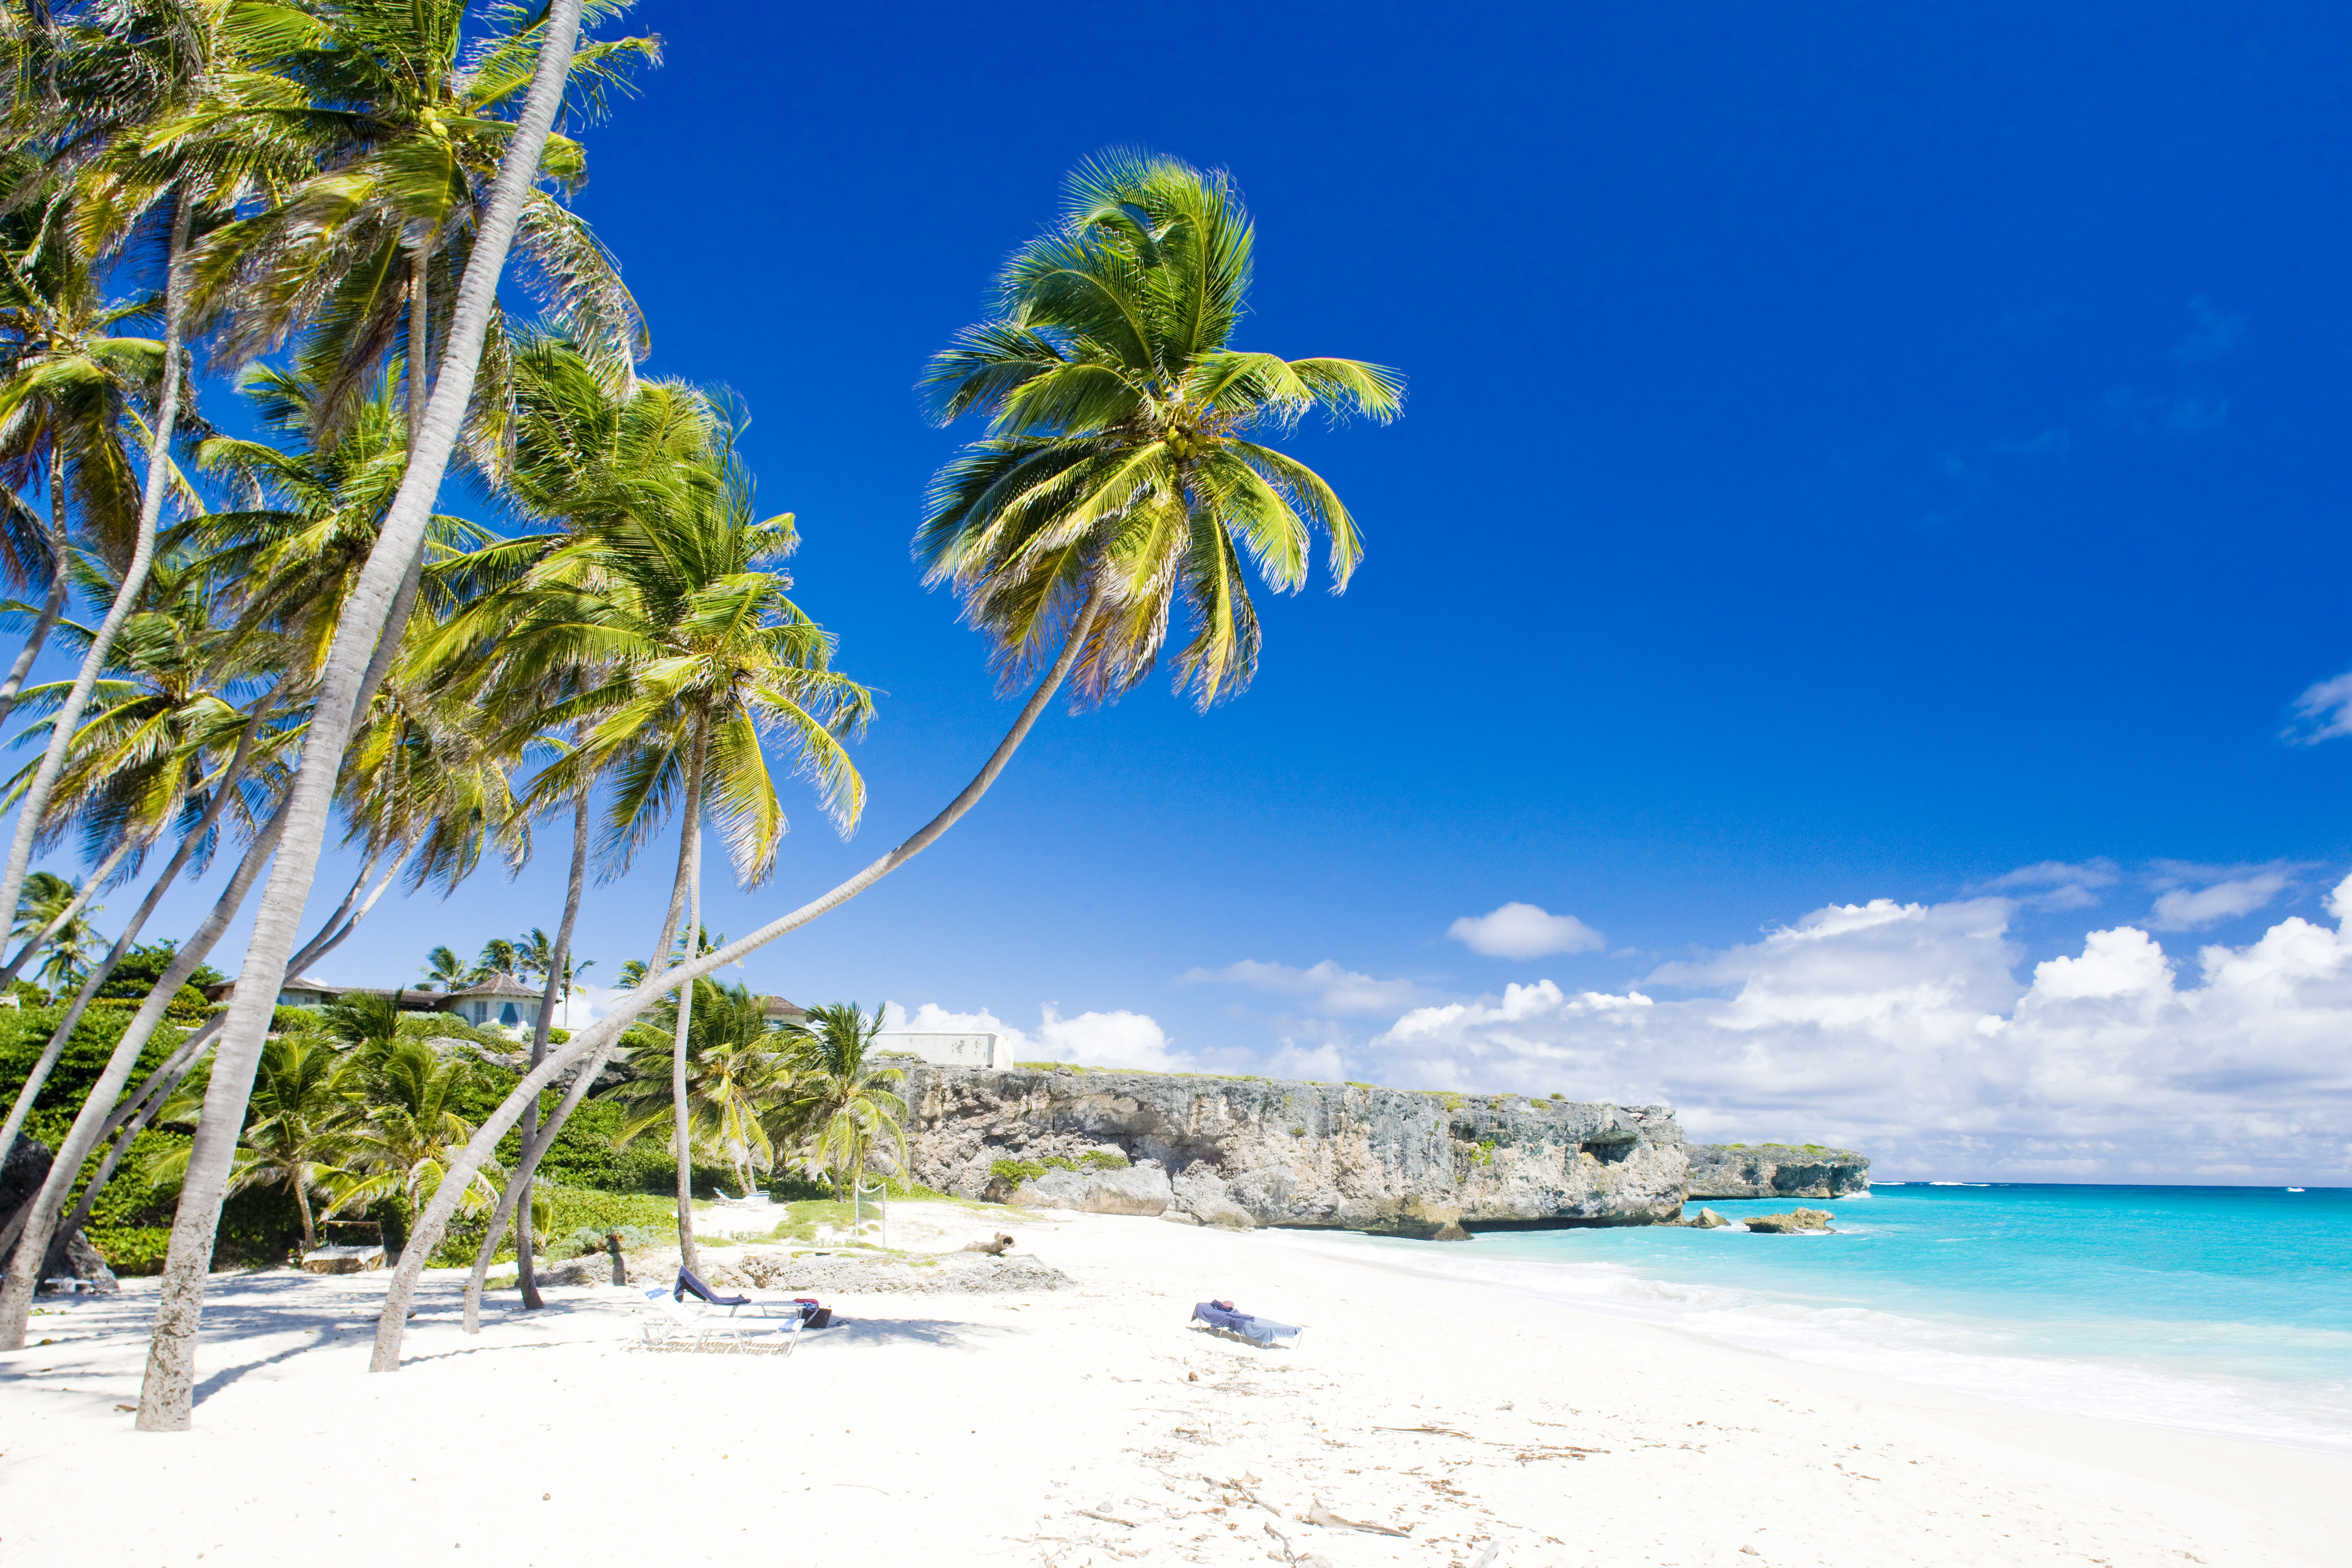 Buceo En Barbados Padi Travel